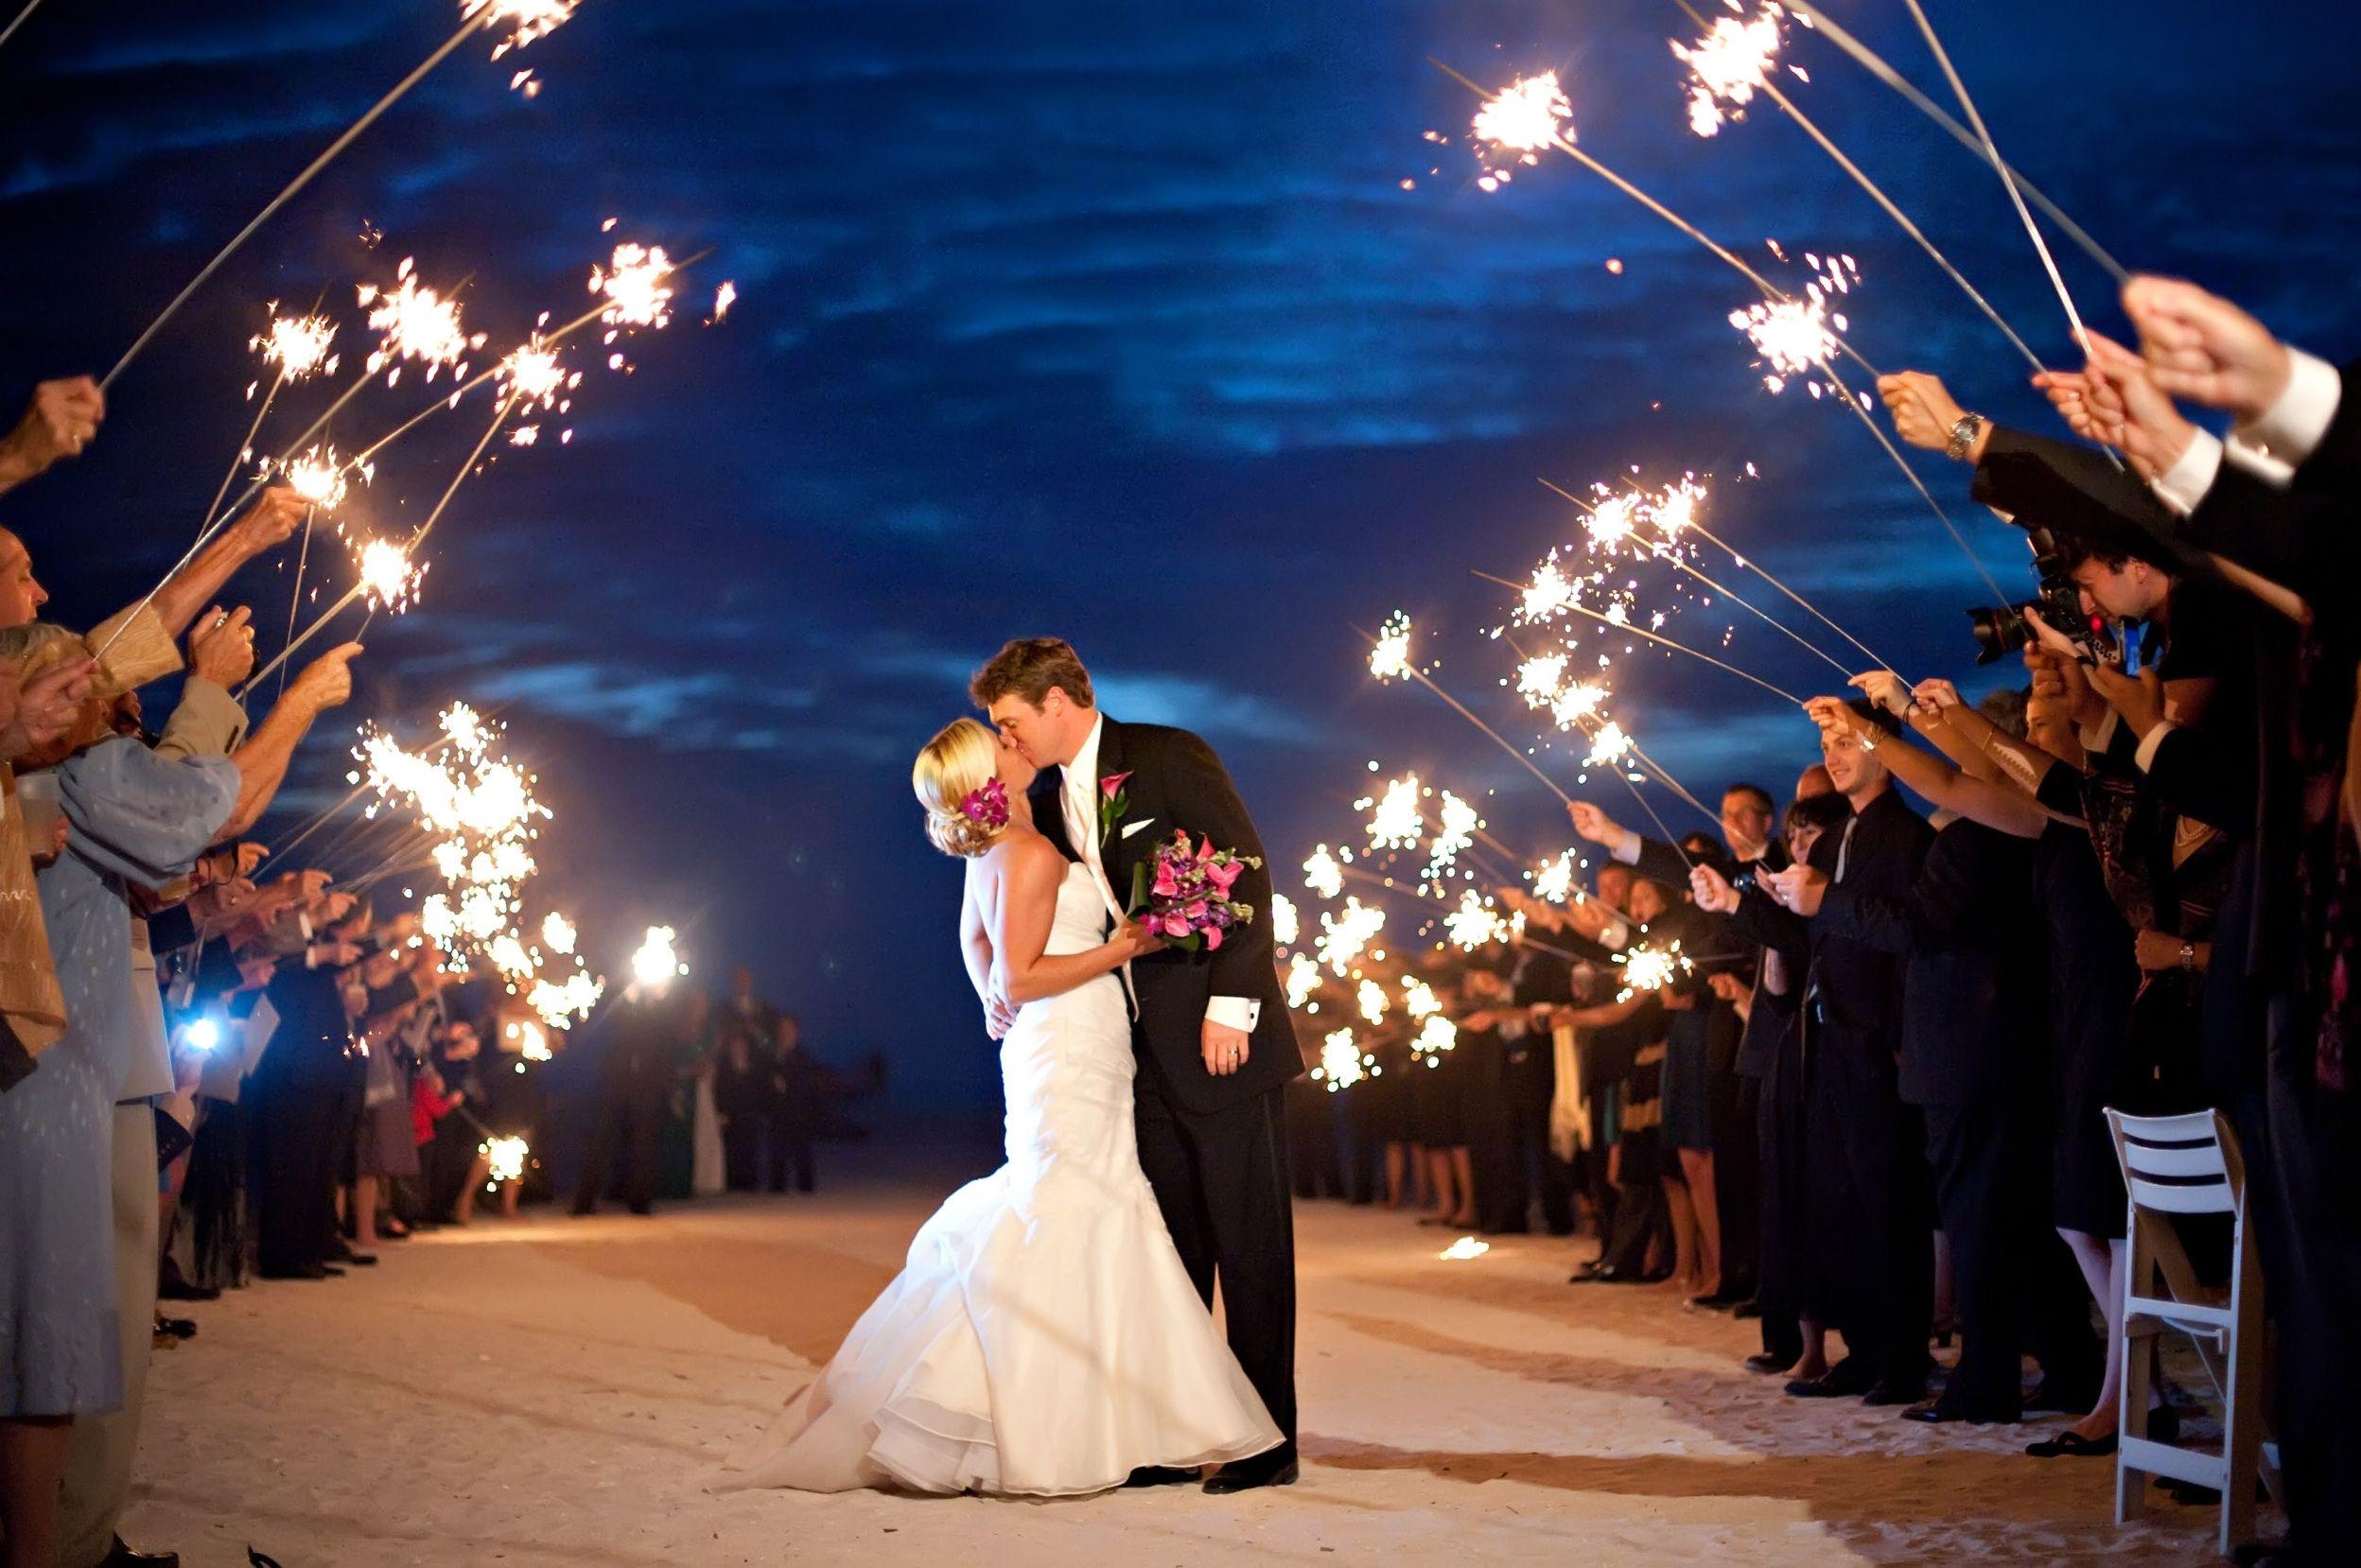 Wedding Sparklers Google Search Luz De Bengala Boda Fotografia Boda Imprimibles Para Boda